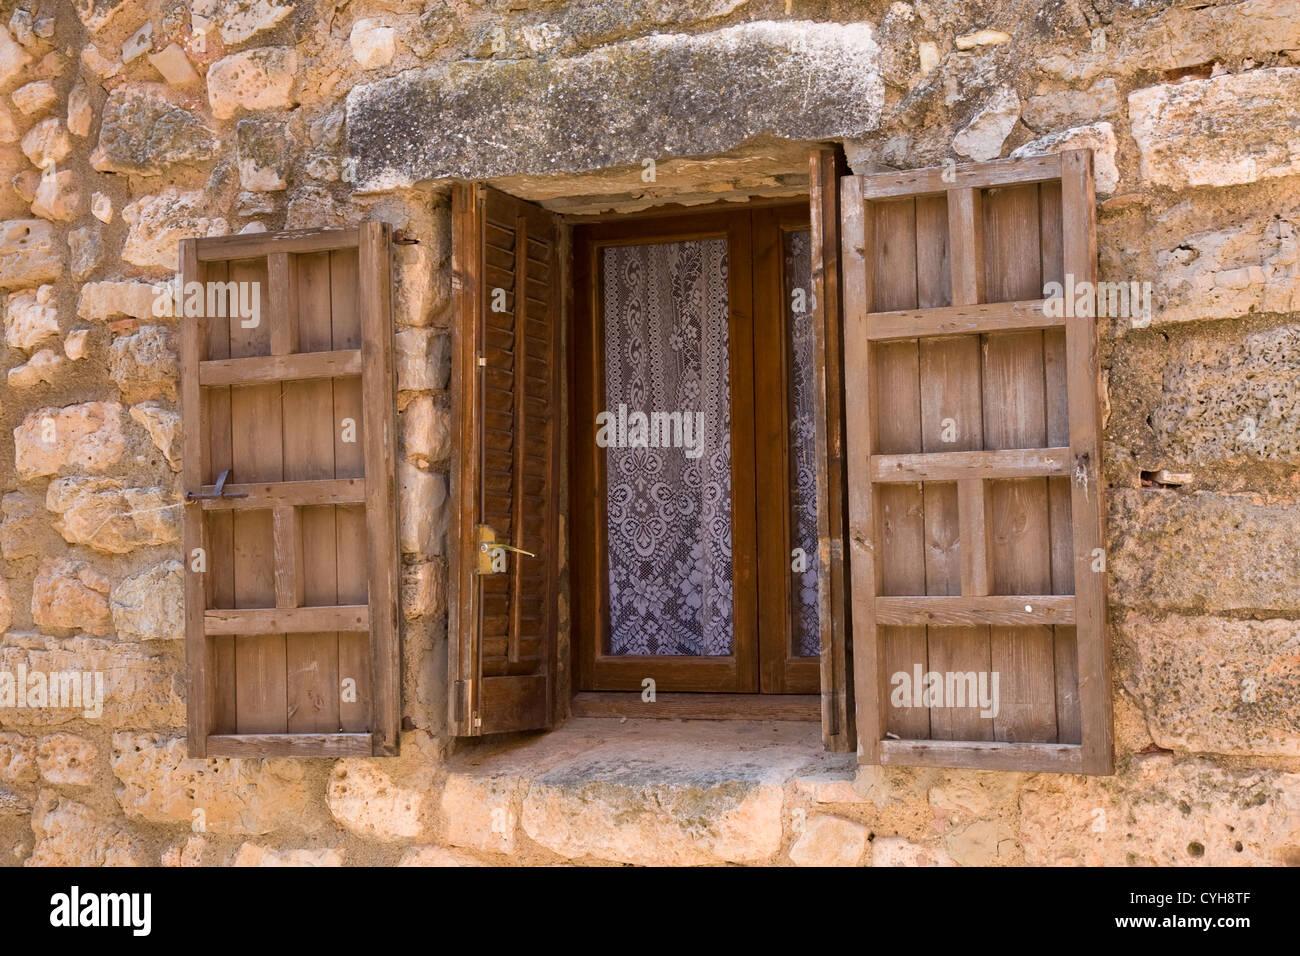 Alte Eooden eingerahmt und shuttered Fenster in Steinwand, Siurana ...